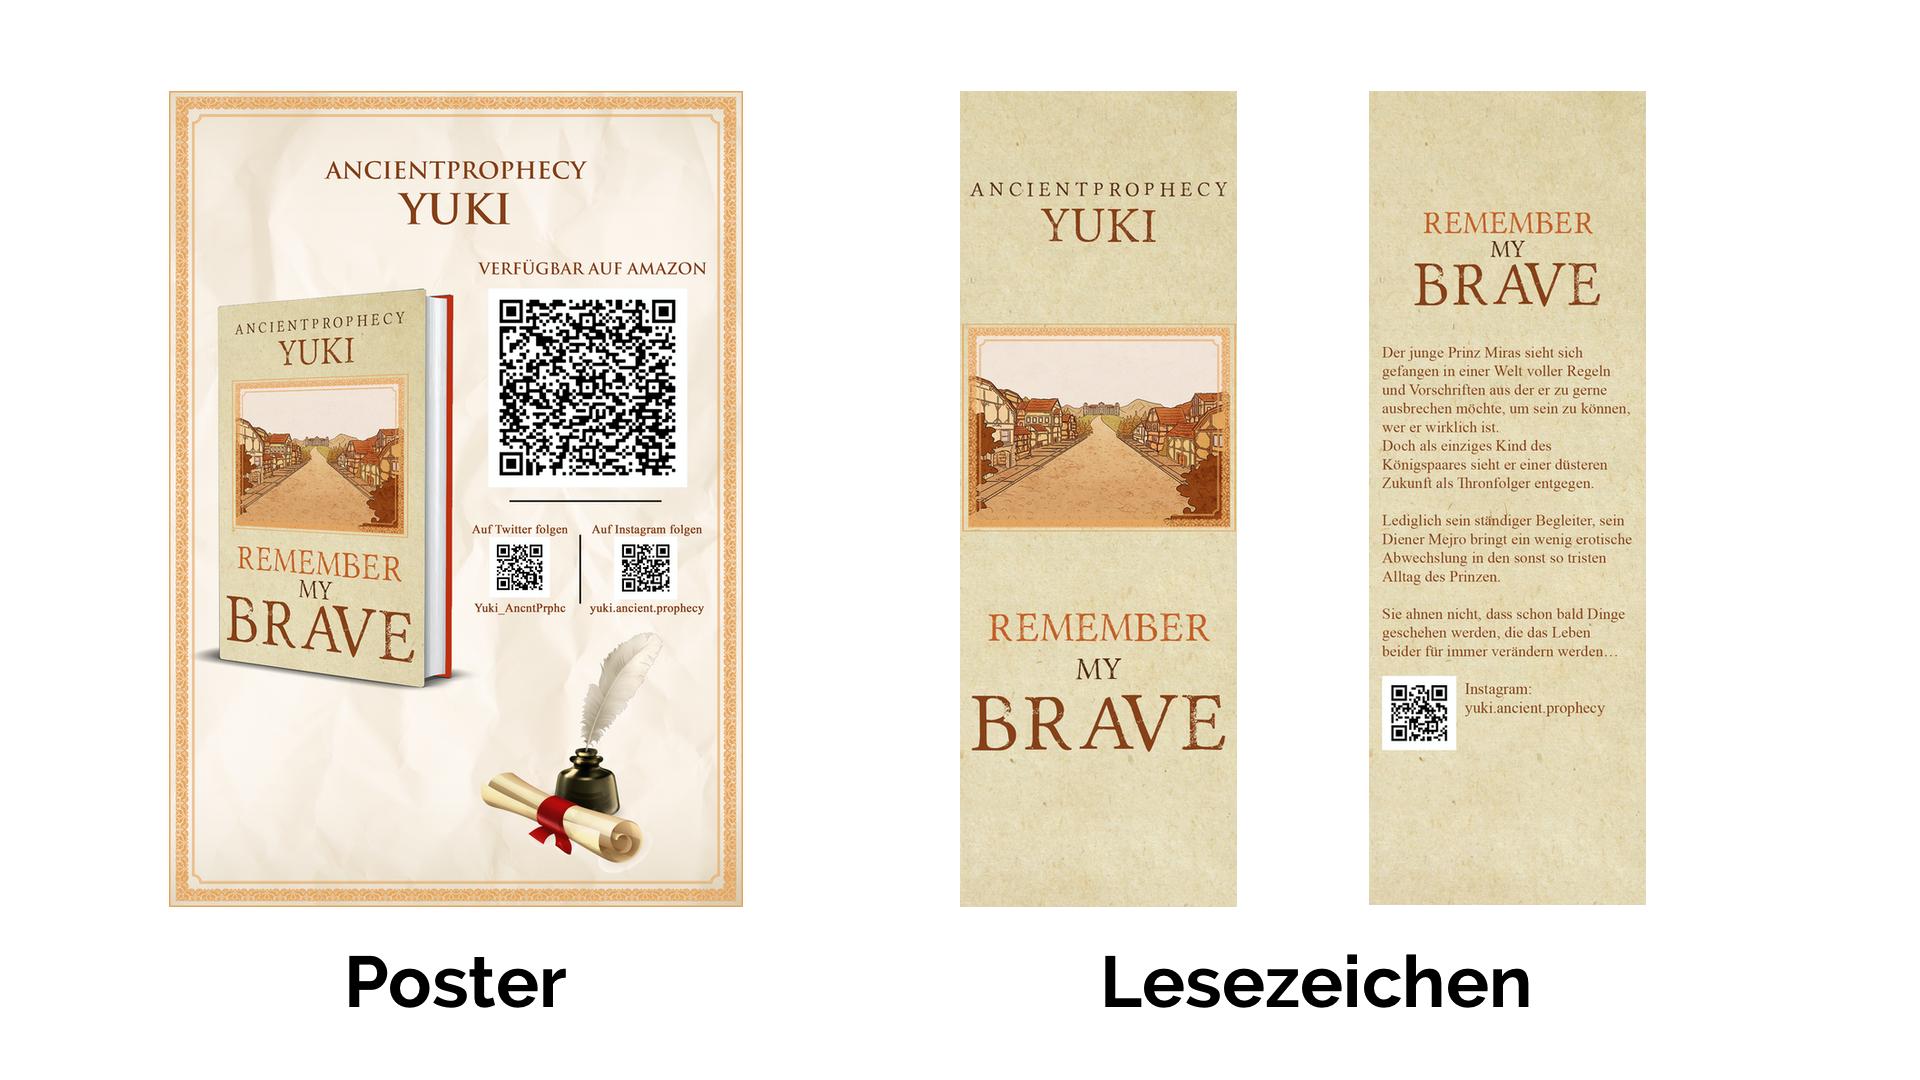 Lesezeichen und Poster für Bücher